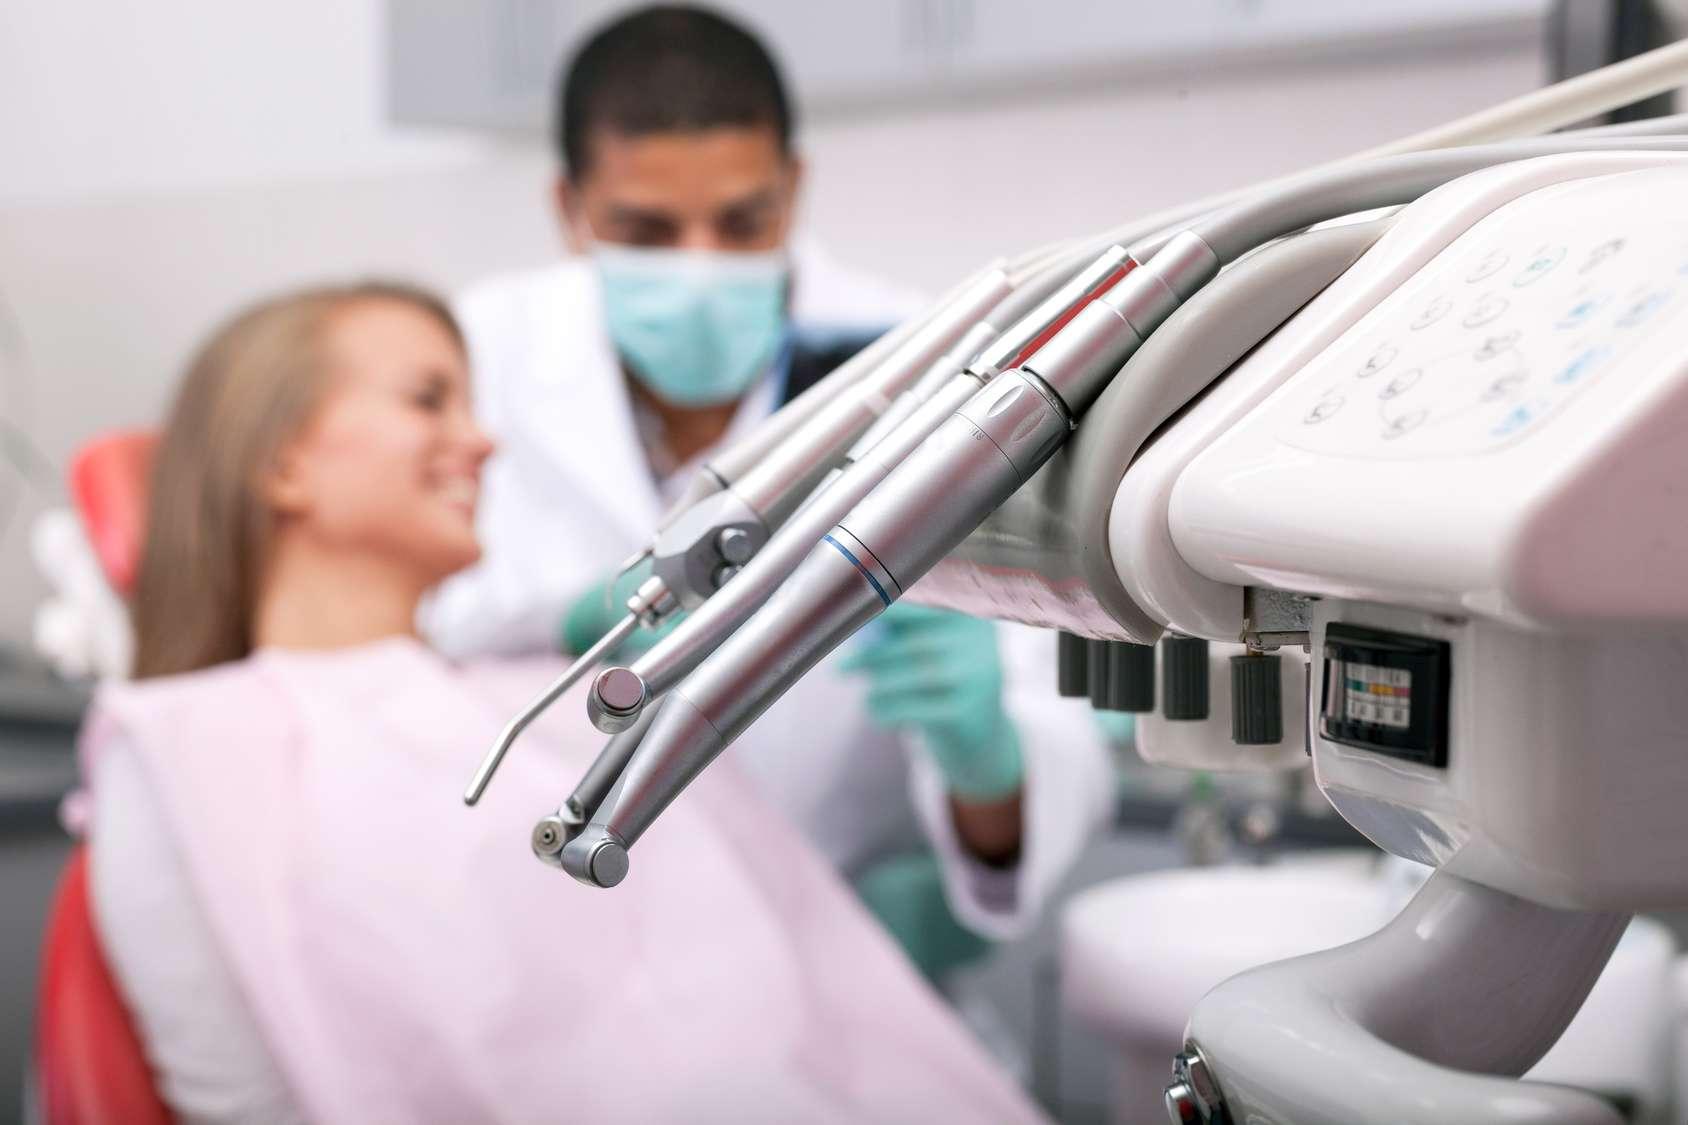 À la recherche d'un dentiste pour une urgence